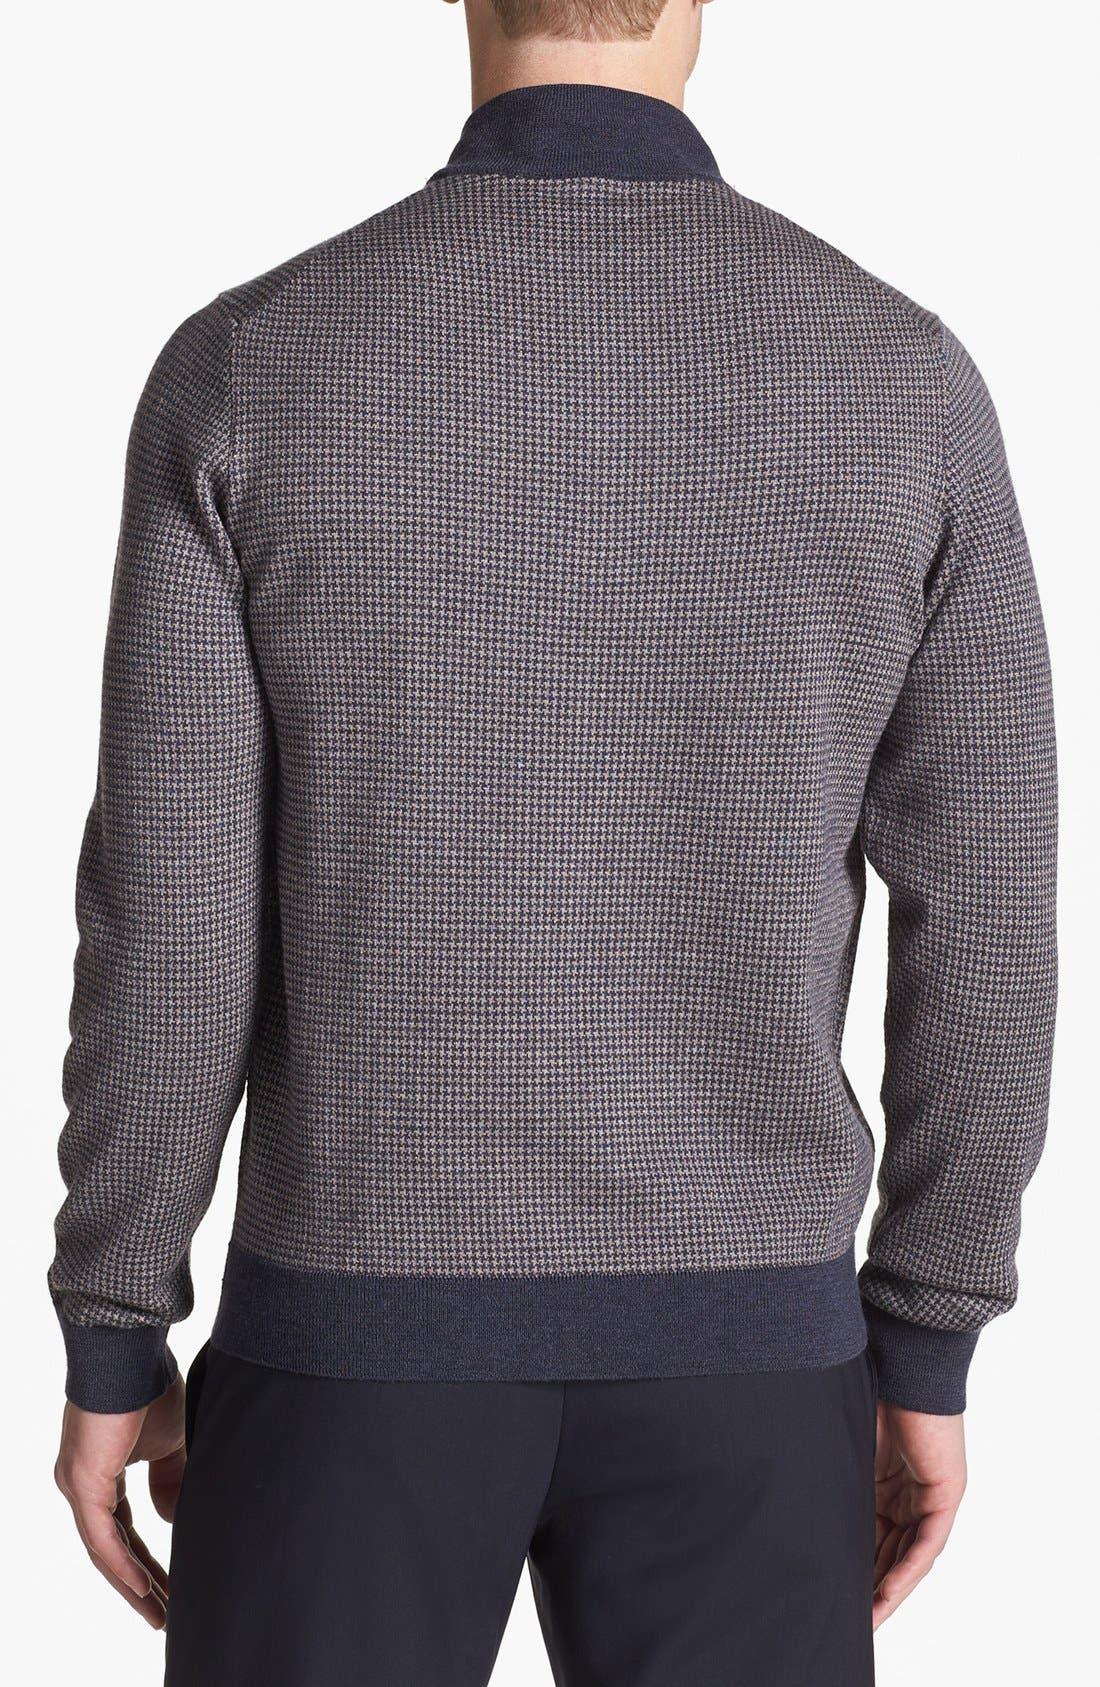 Alternate Image 2  - John W. Nordstrom® Merino Wool Quarter Zip Pullover